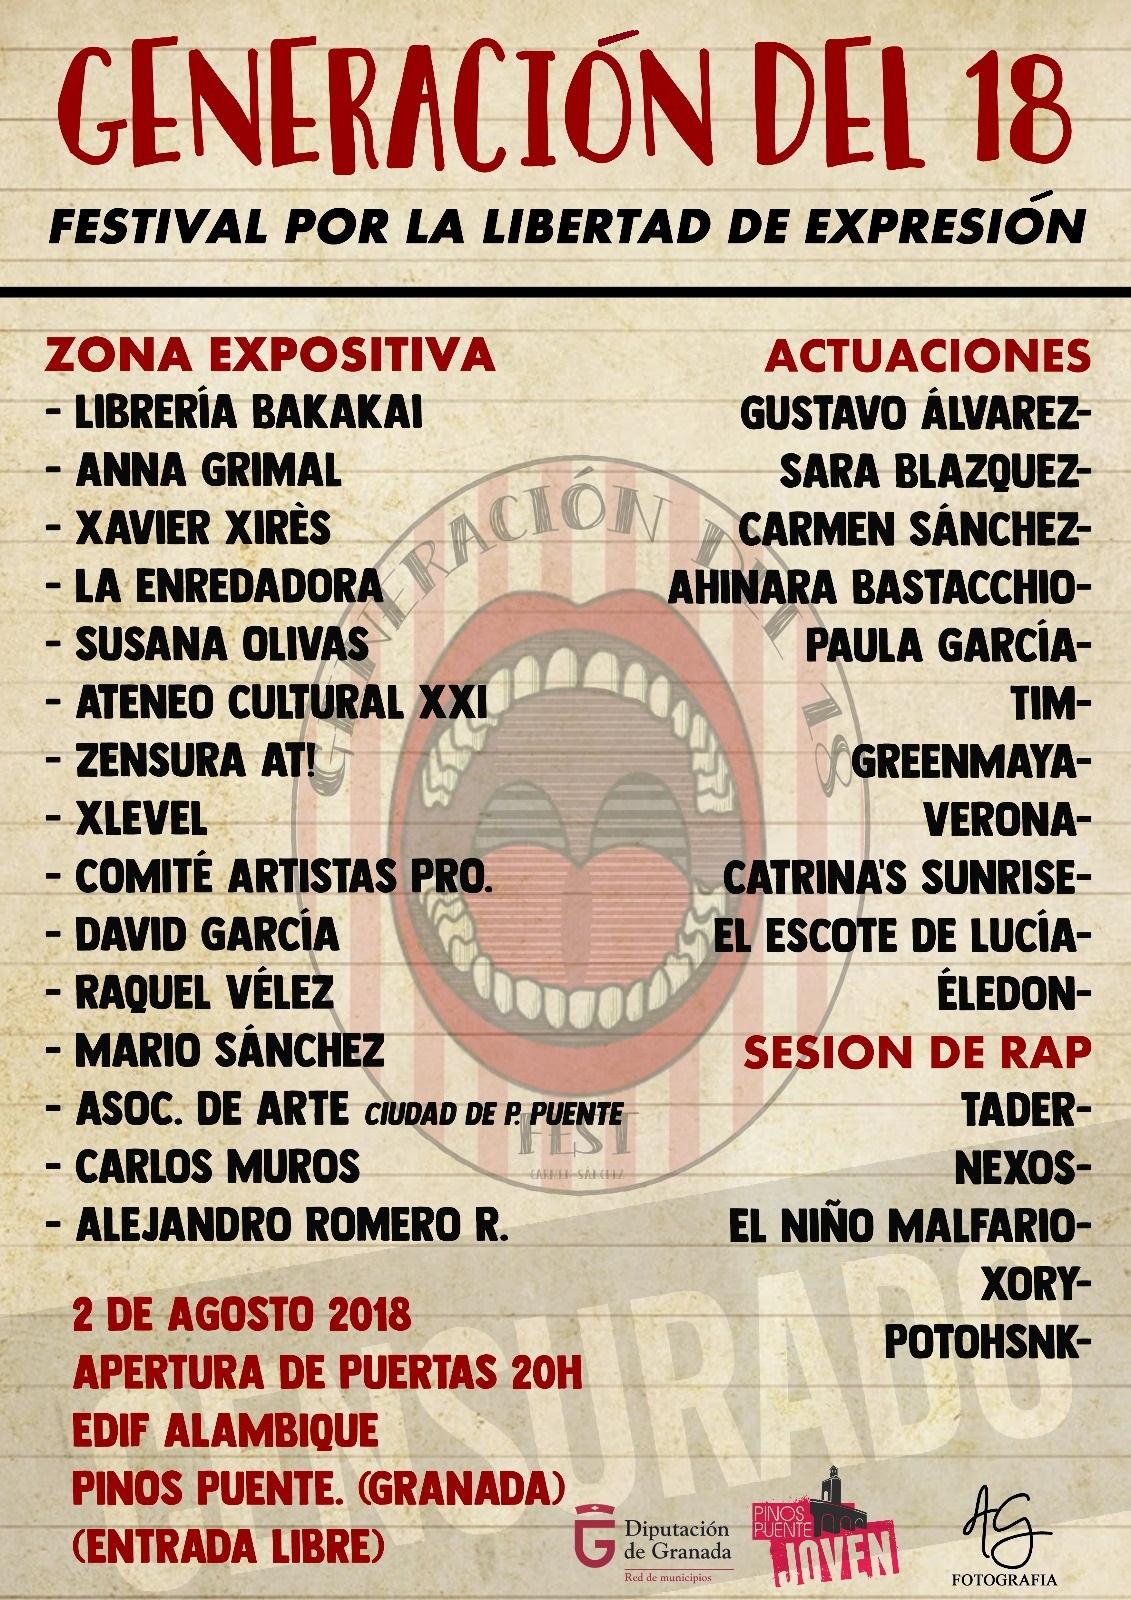 'Generación del 18', Festival por la libertad de expresión en Pinos Puente